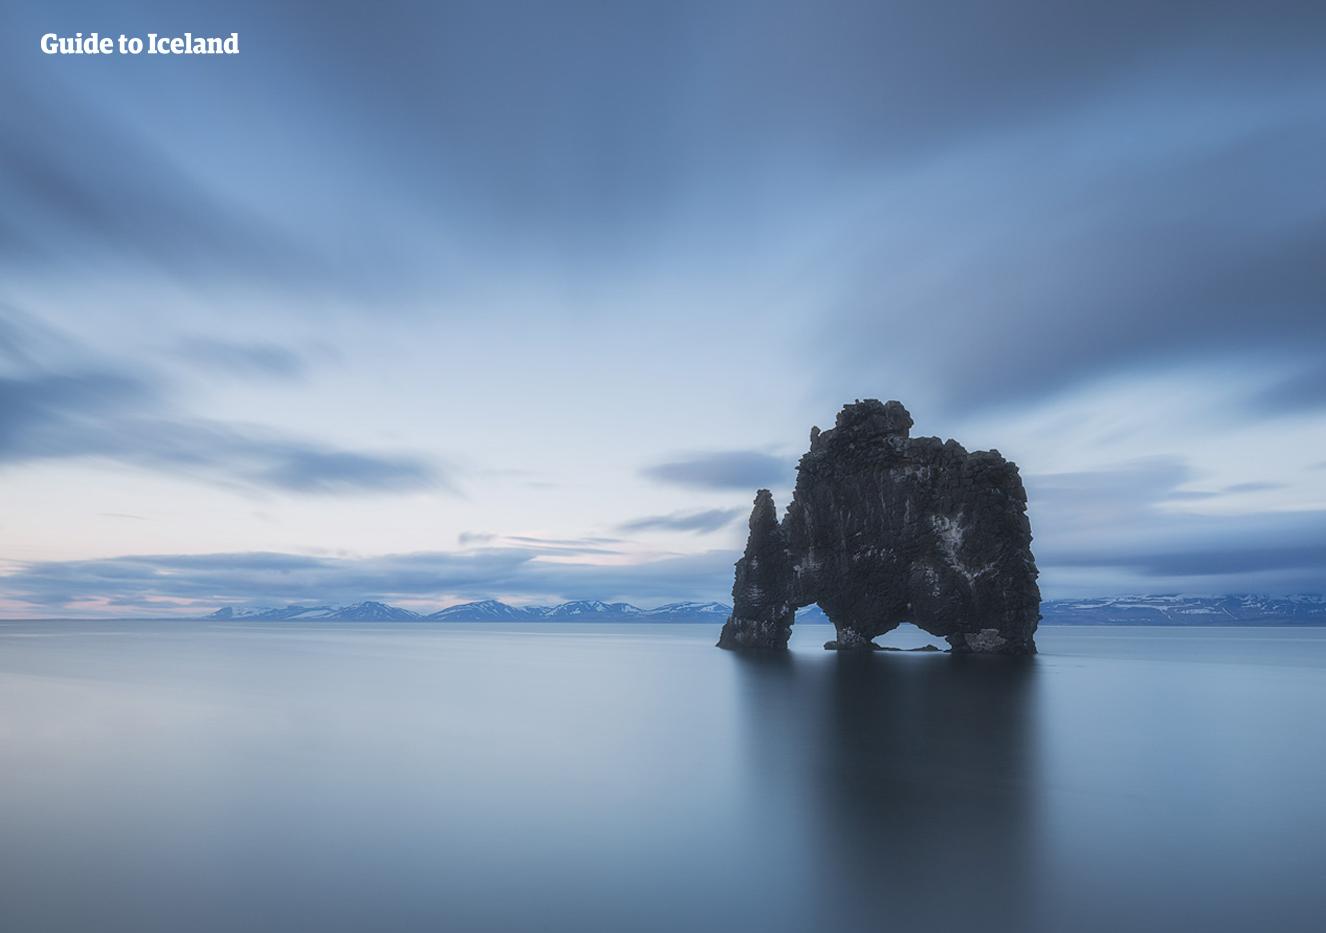 Den dramatiske steinformasjonen Hvítserkur på Nord-Island, som stiger opp av havet som en skrekkelig drage